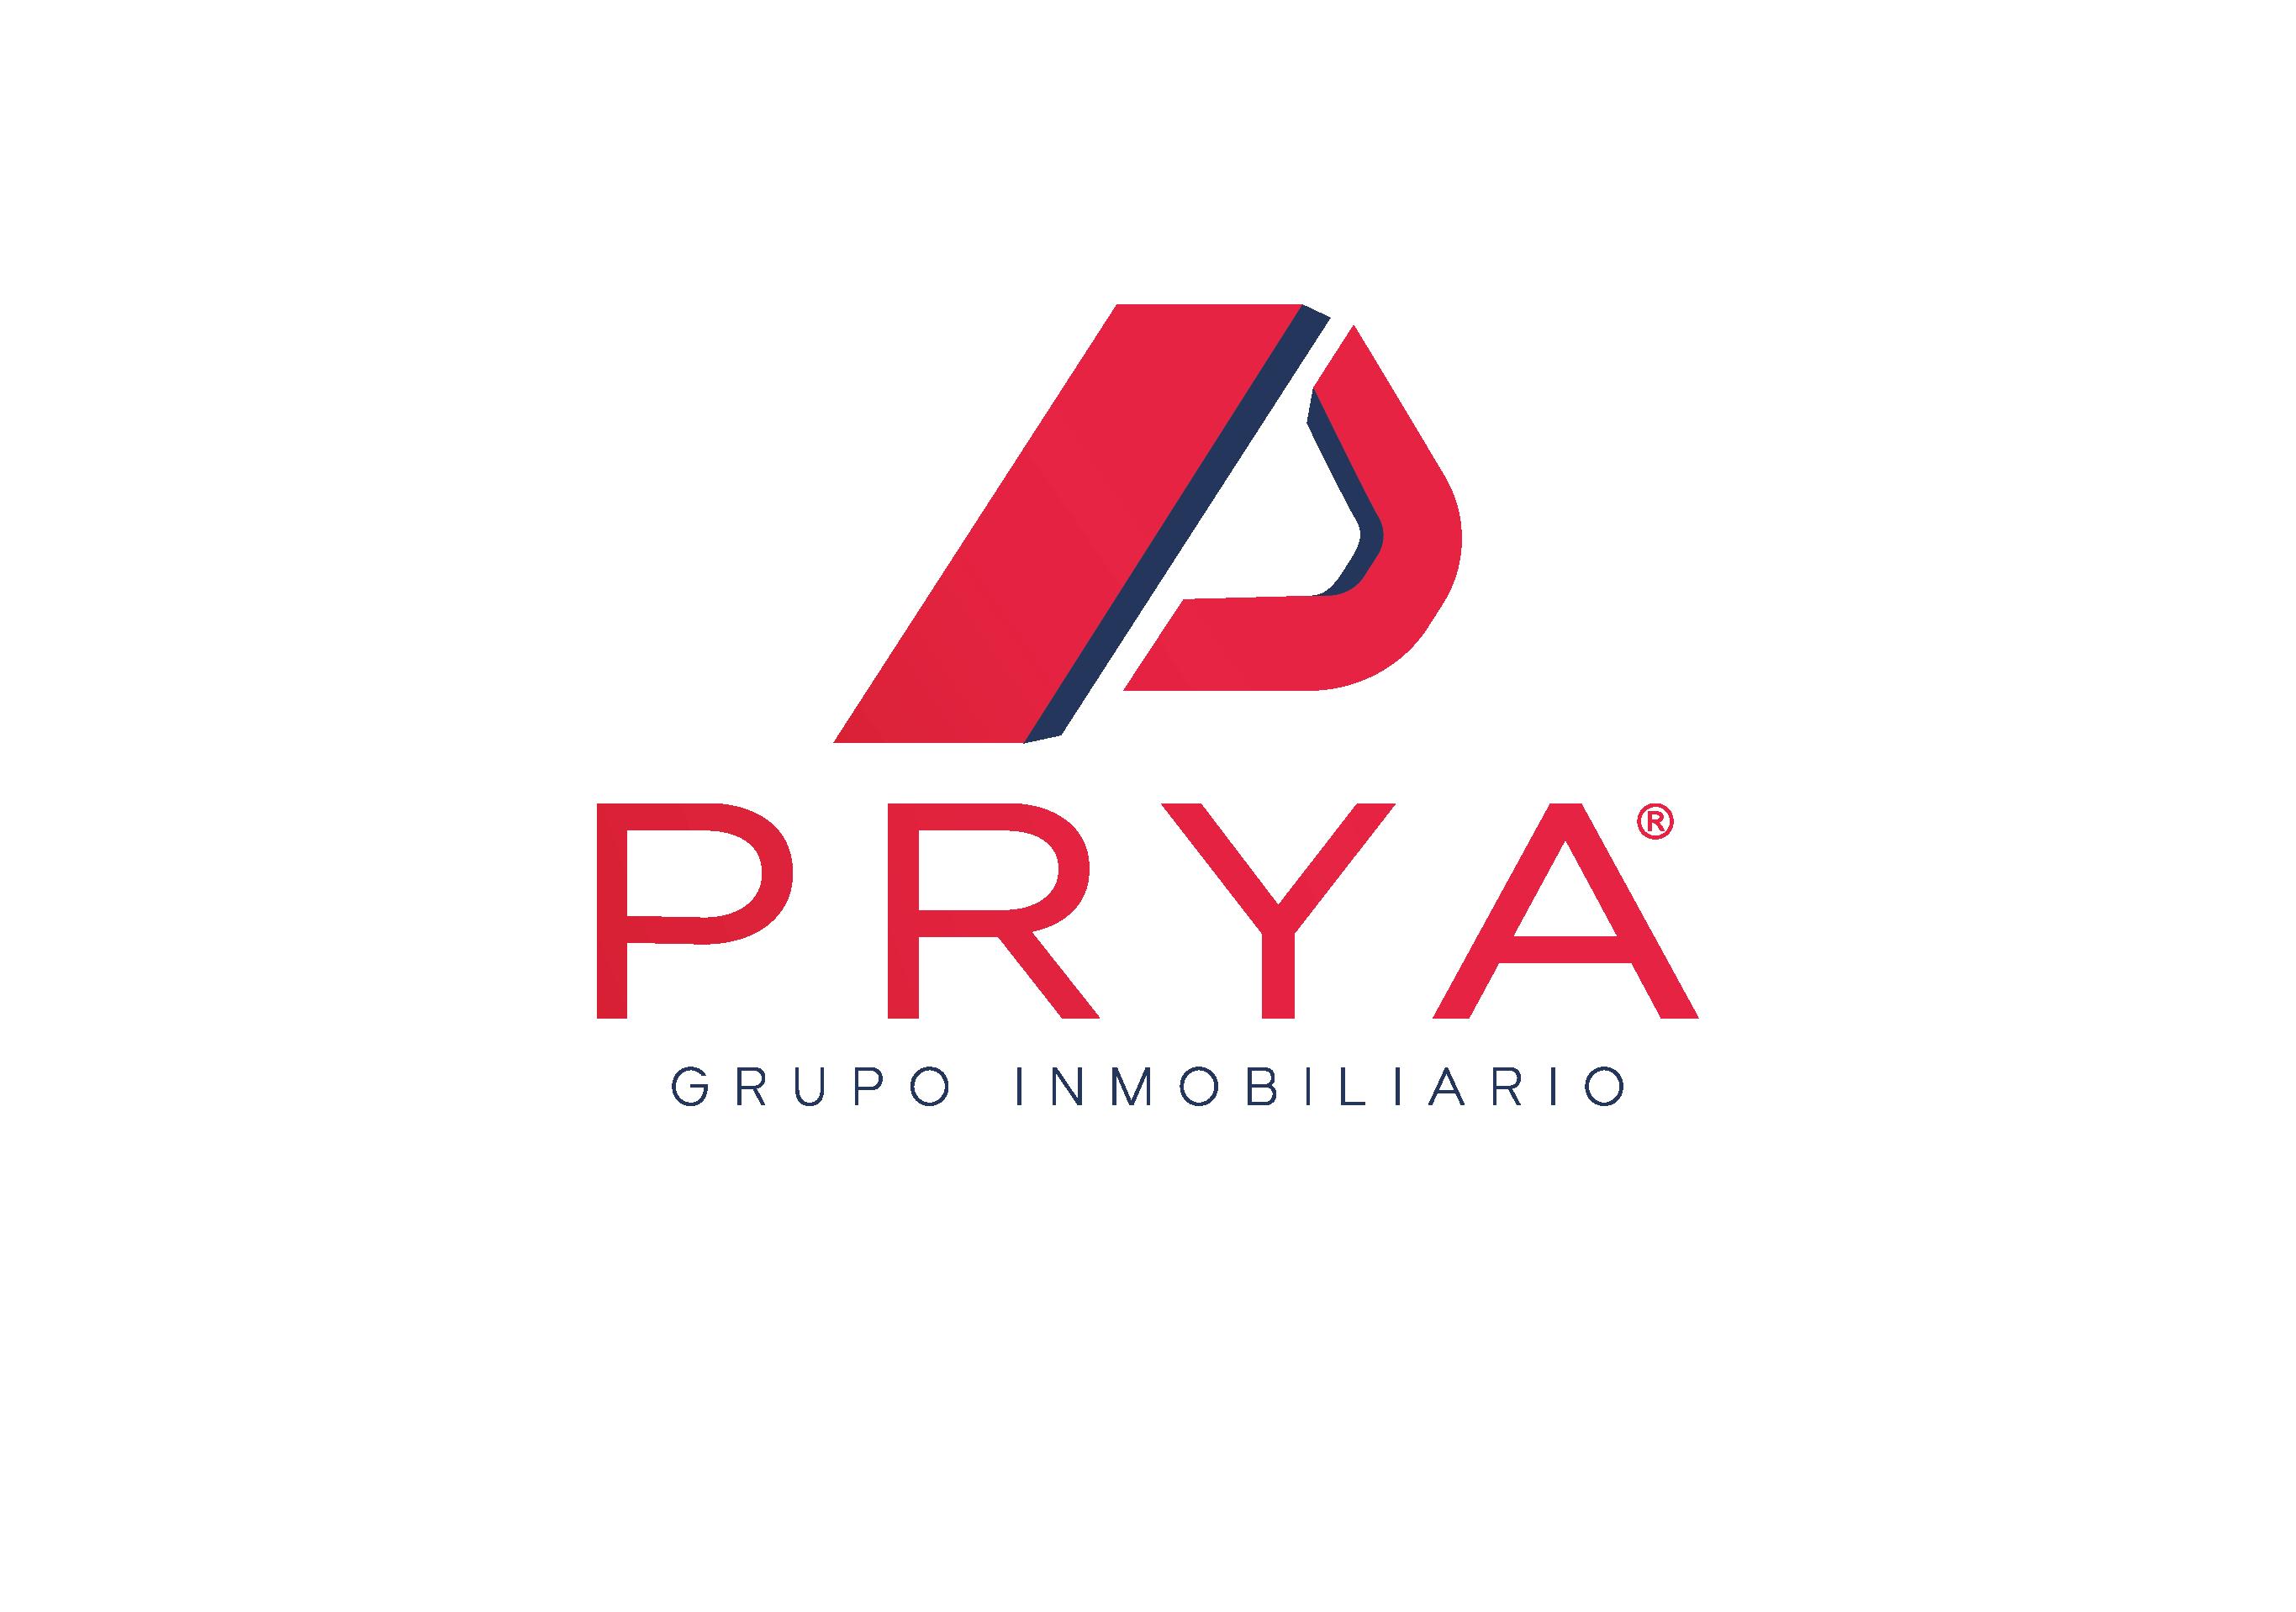 PRYA_logo-01.png